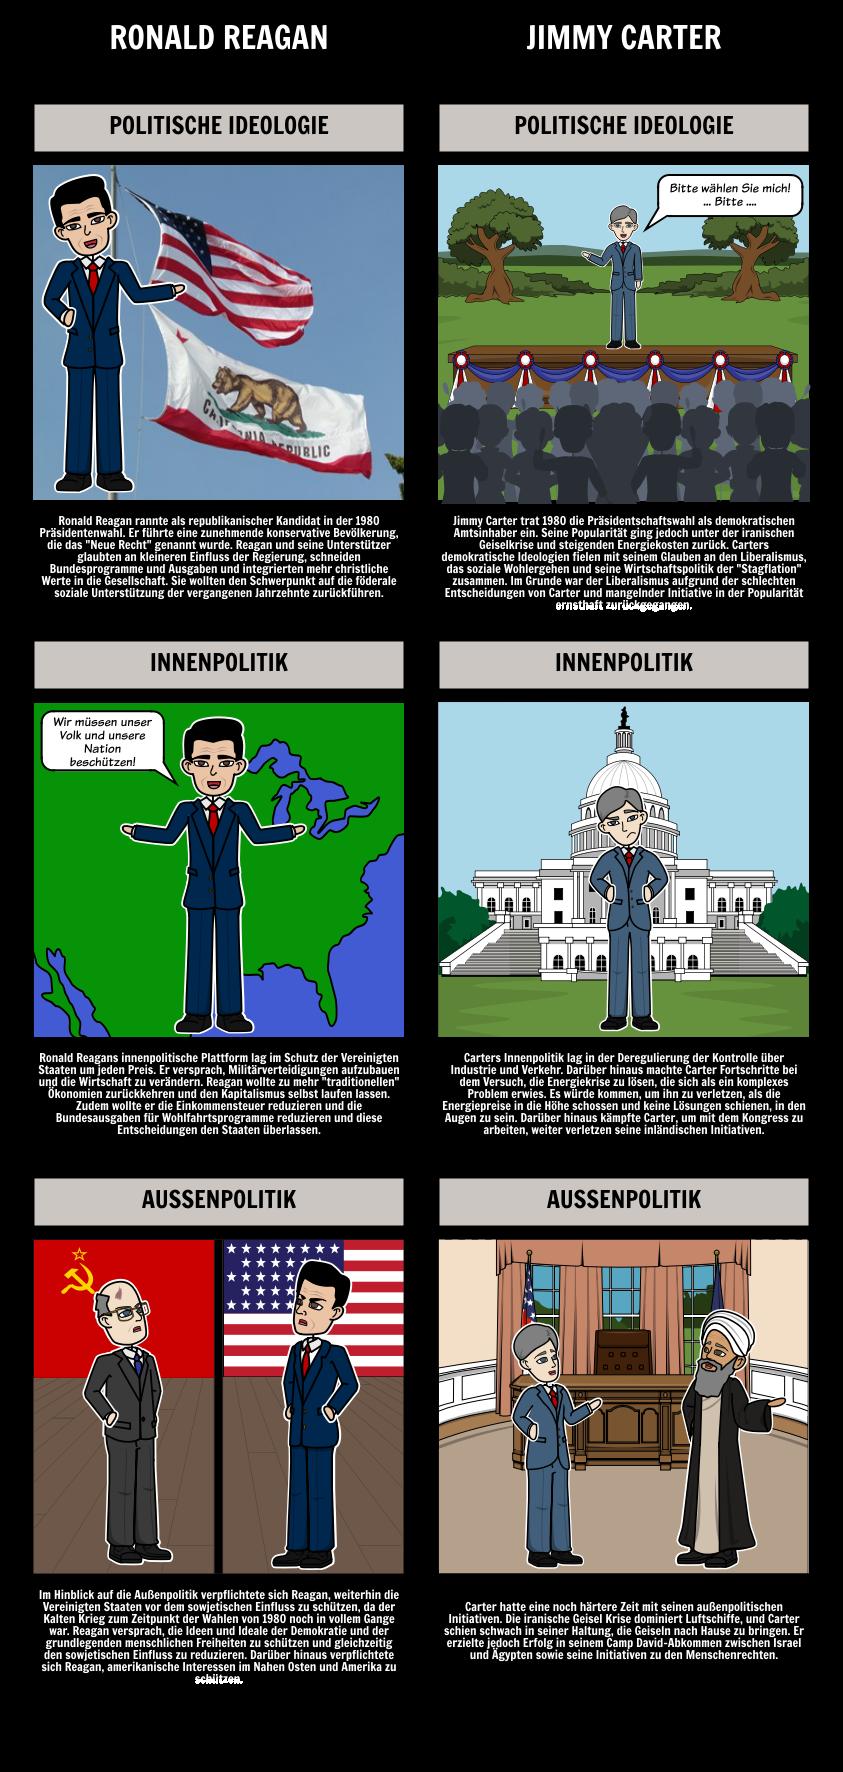 Die Präsidentschaft von Ronald Reagan - Die Wahl von 1980